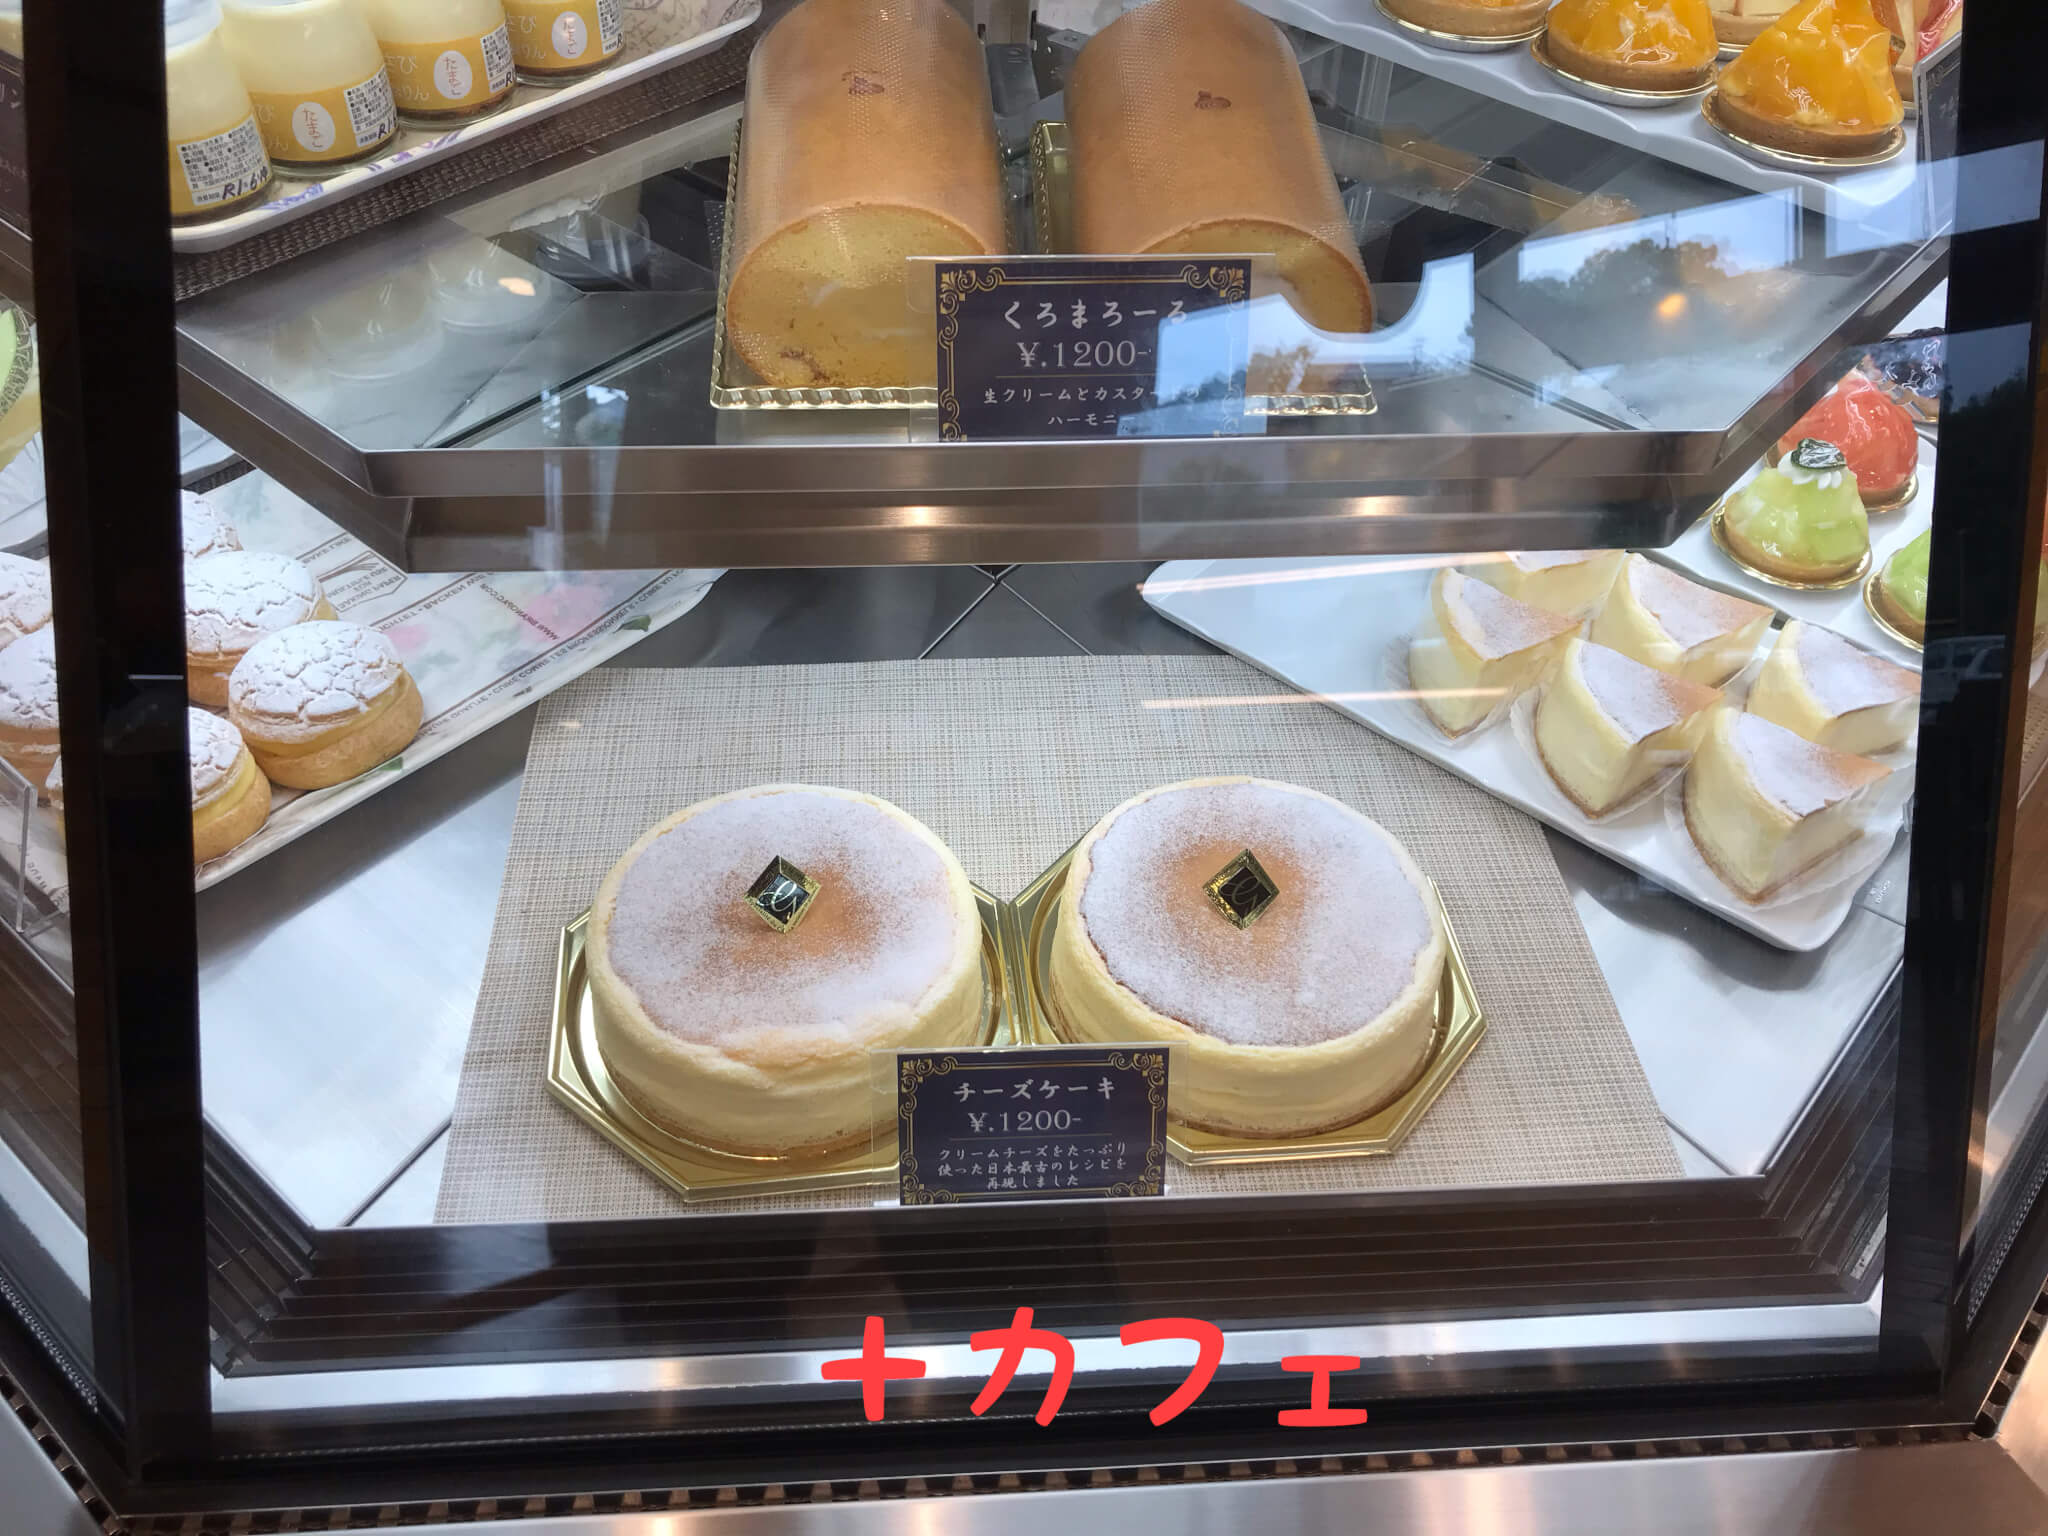 くろまろ+カフェ くろまろーる チーズケーキ